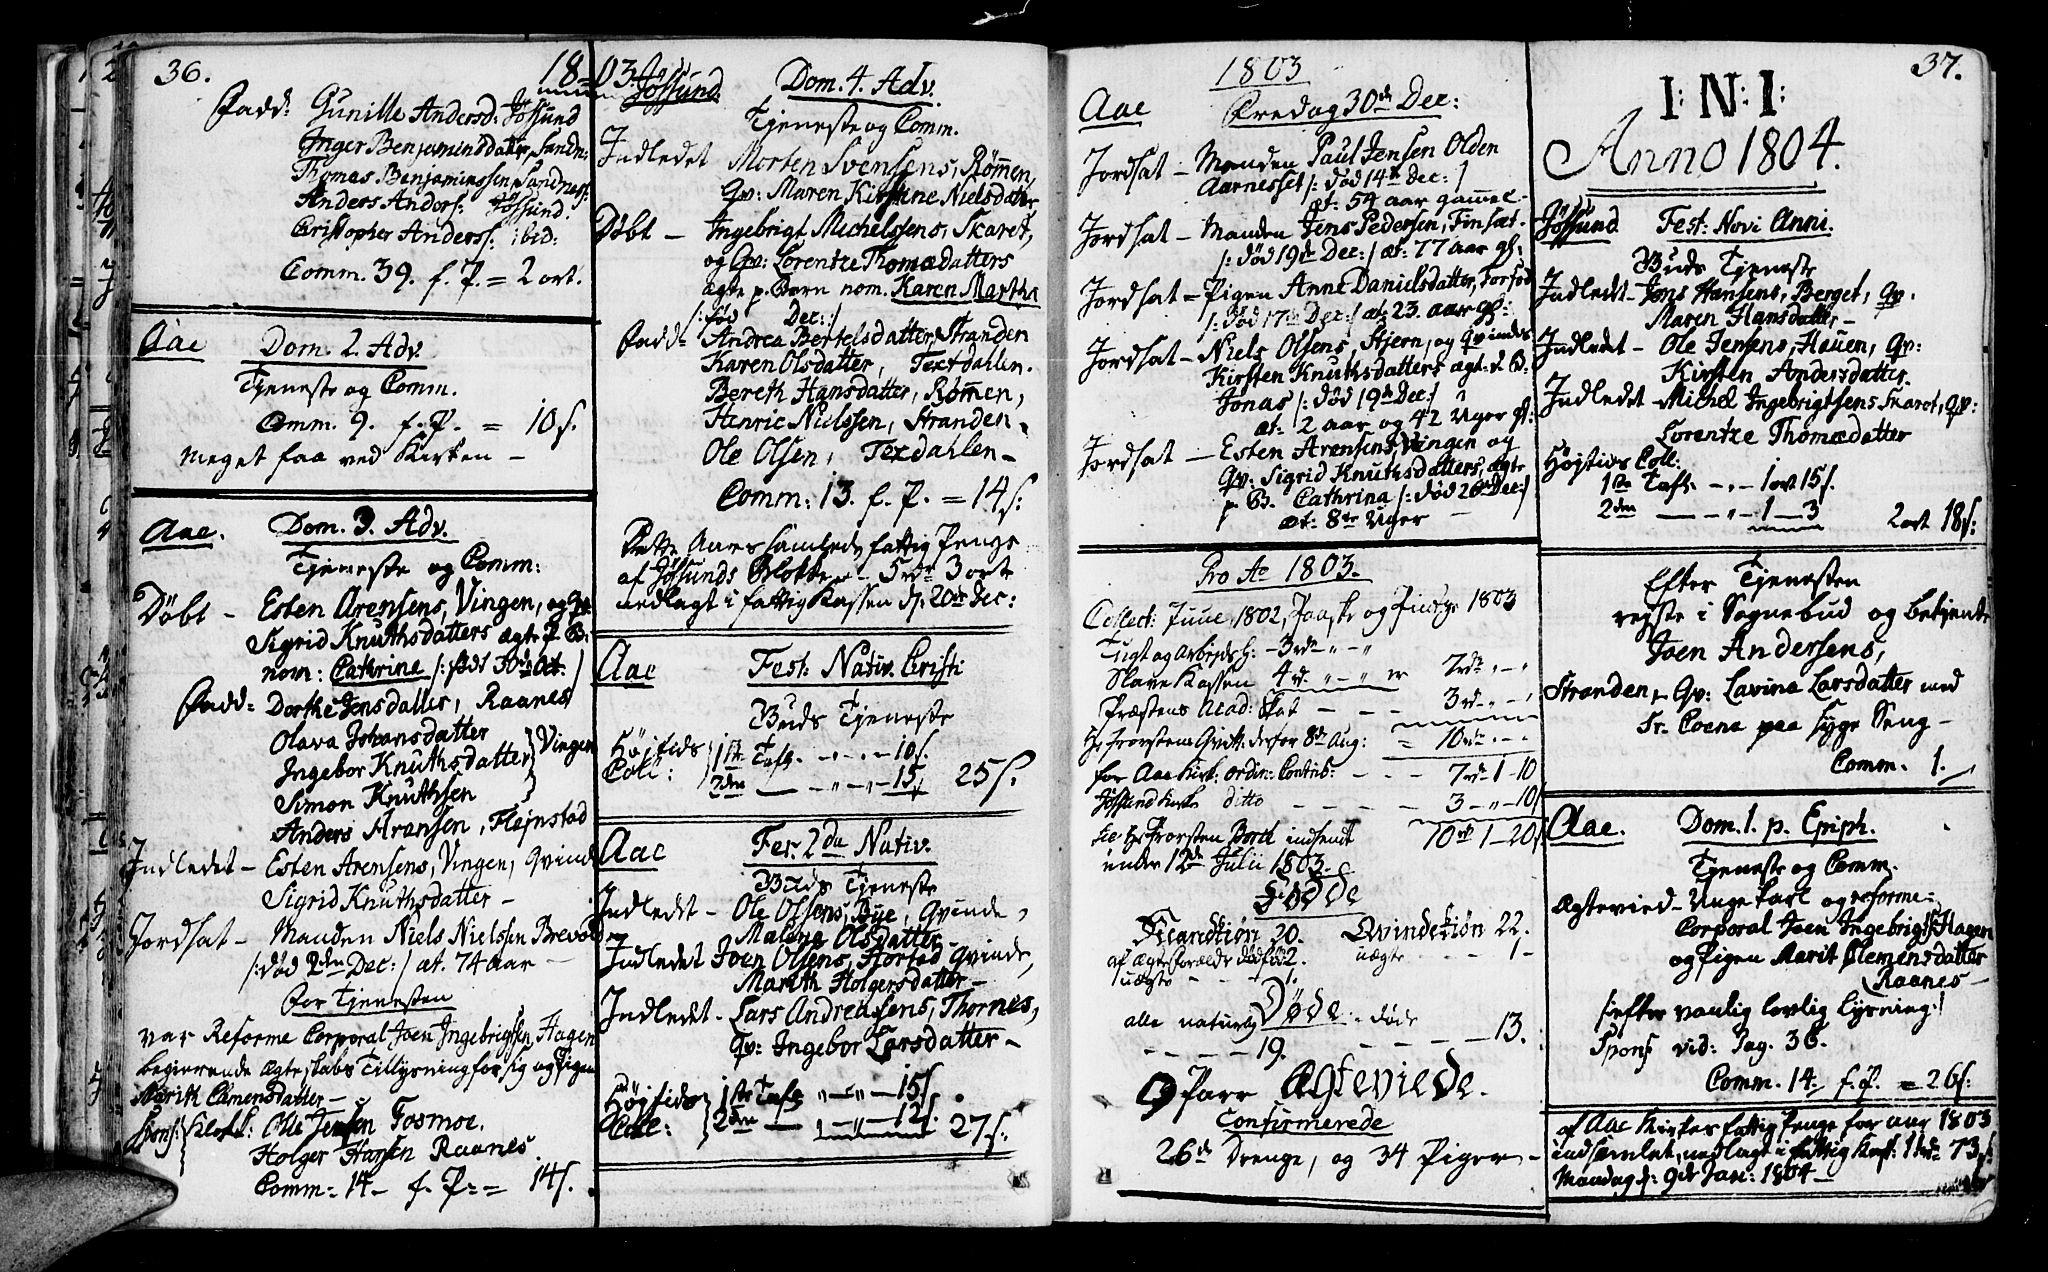 SAT, Ministerialprotokoller, klokkerbøker og fødselsregistre - Sør-Trøndelag, 655/L0674: Ministerialbok nr. 655A03, 1802-1826, s. 36-37